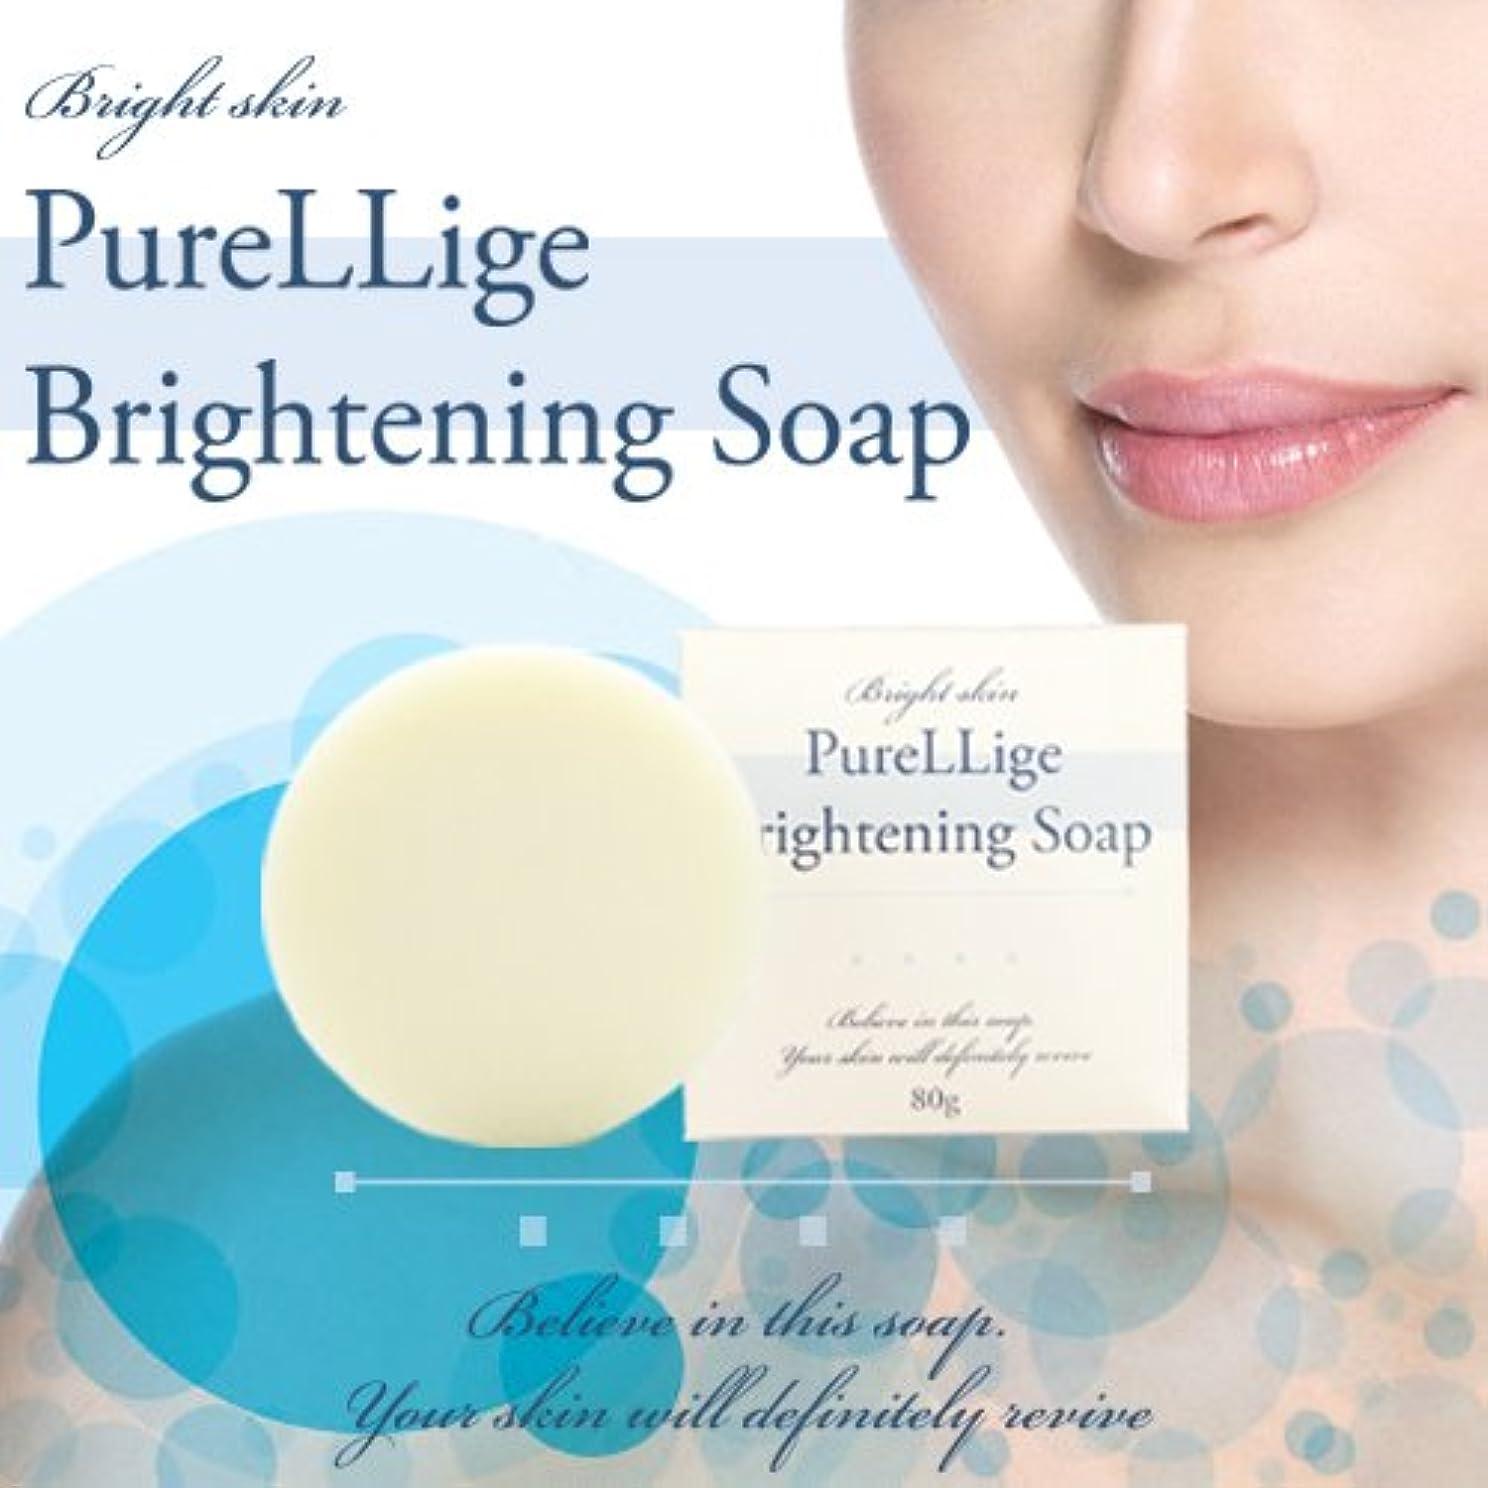 ピュアリージェ ブライトニングソープ 石鹸 石けん 洗顔